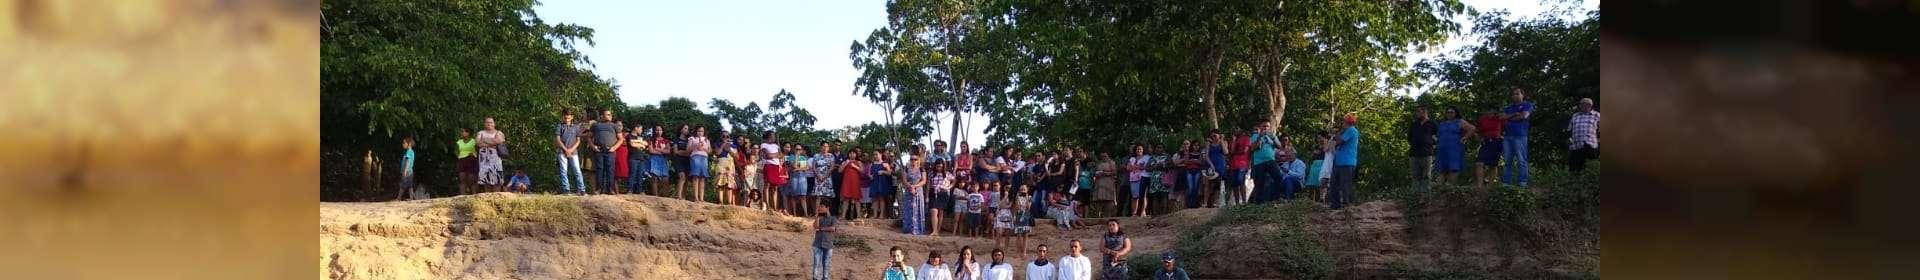 Batismos pelo Brasil em setembro de 2019